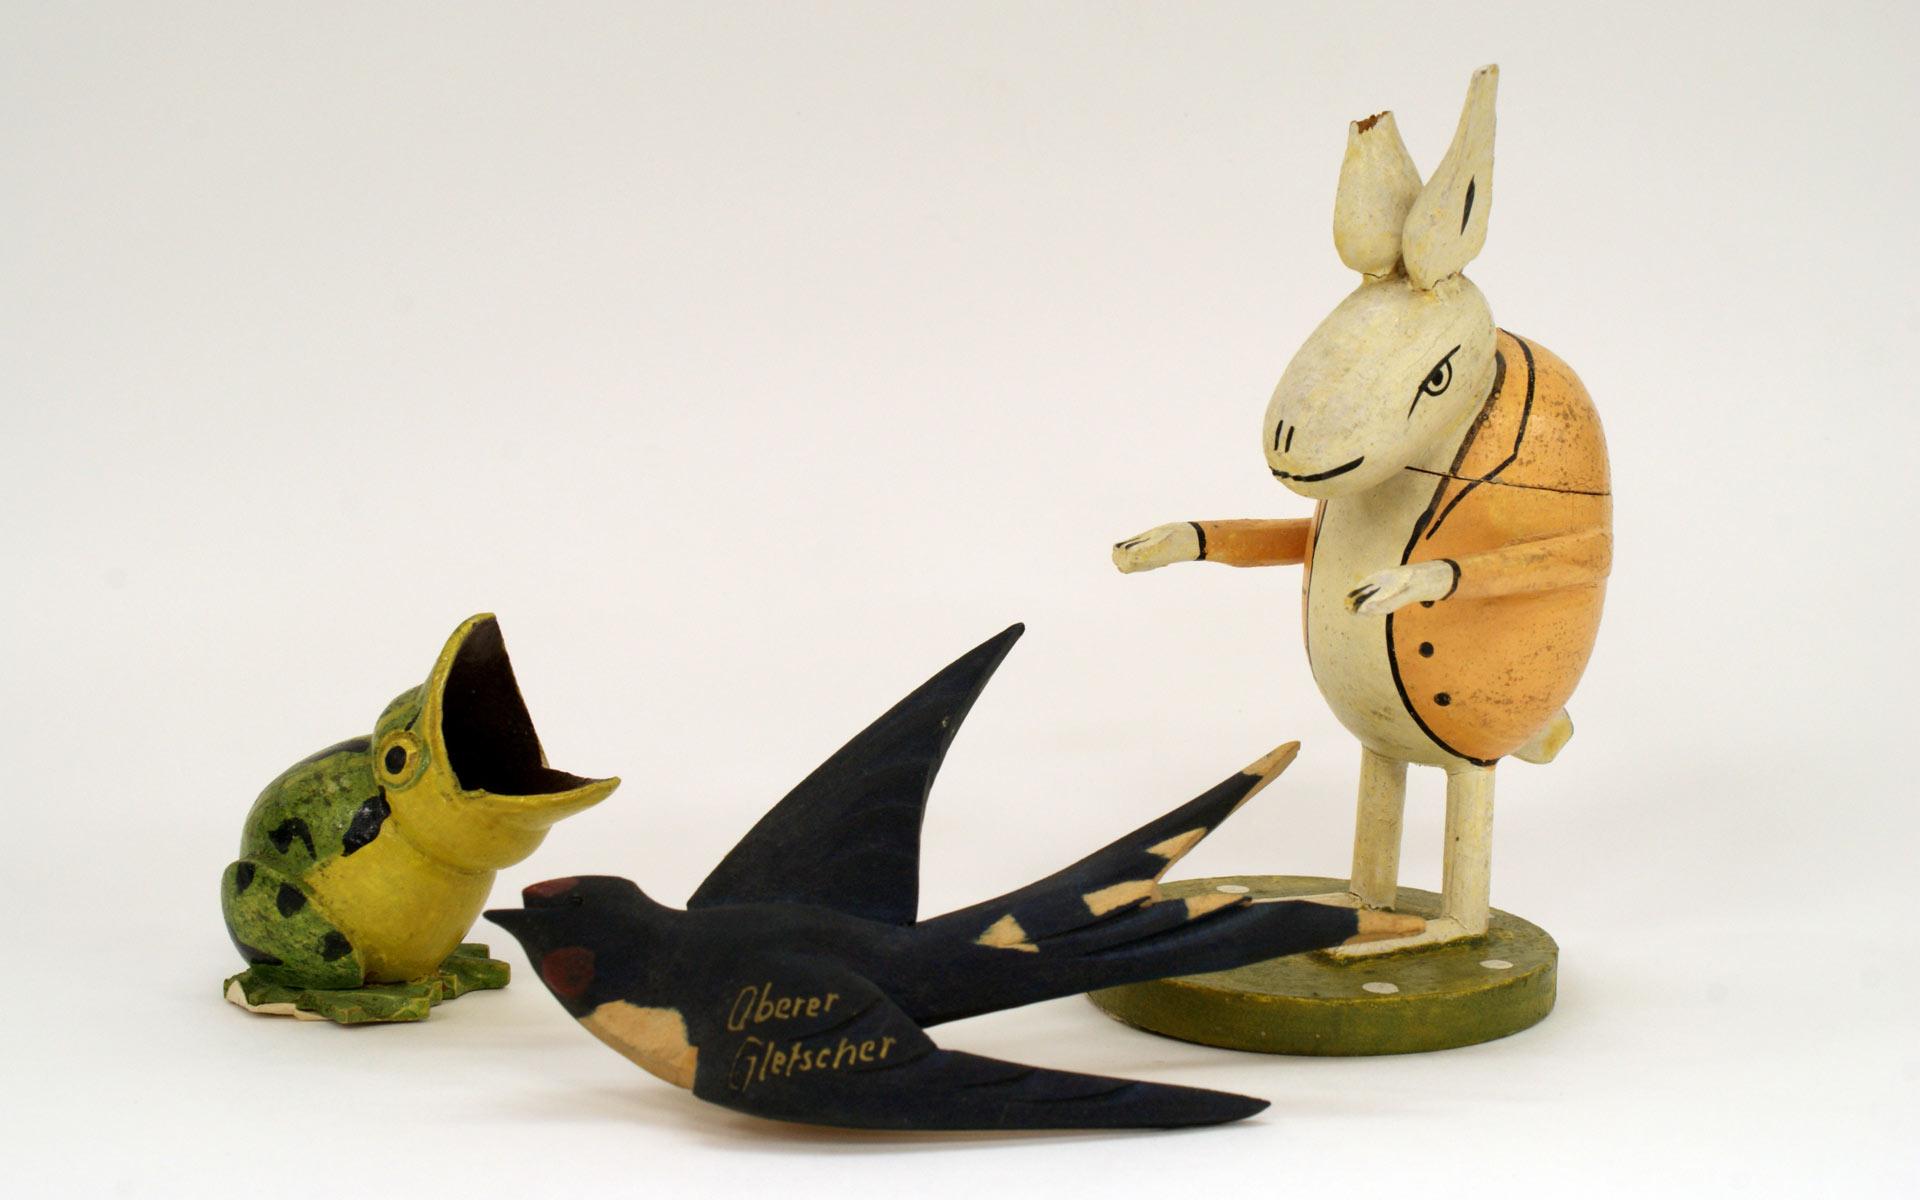 昭和初期(1920~30年頃)に参考にしたイタリア製のカエルとウサギ、ドイツ製のツバメ